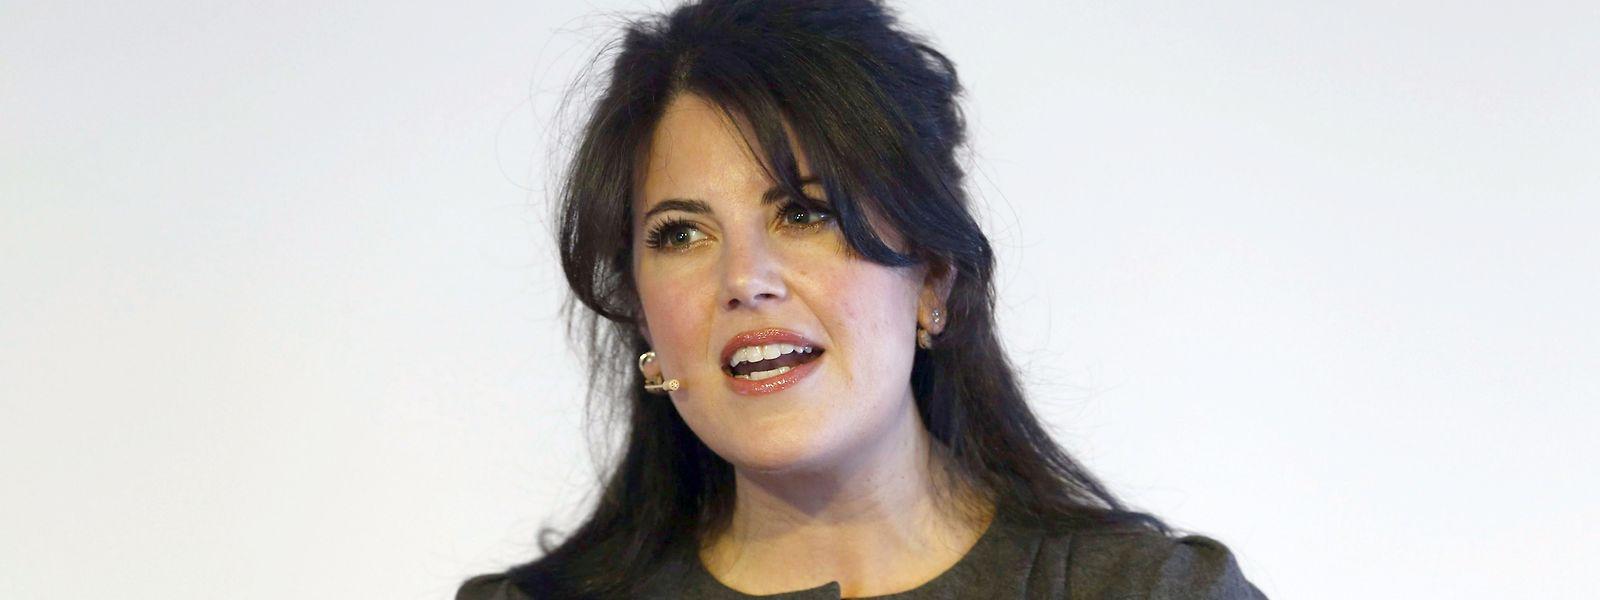 Monica Lewinsky war wegen einer Affäre mit US-Präsident Bill Clinton jahrelang in den Schlagzeilen.